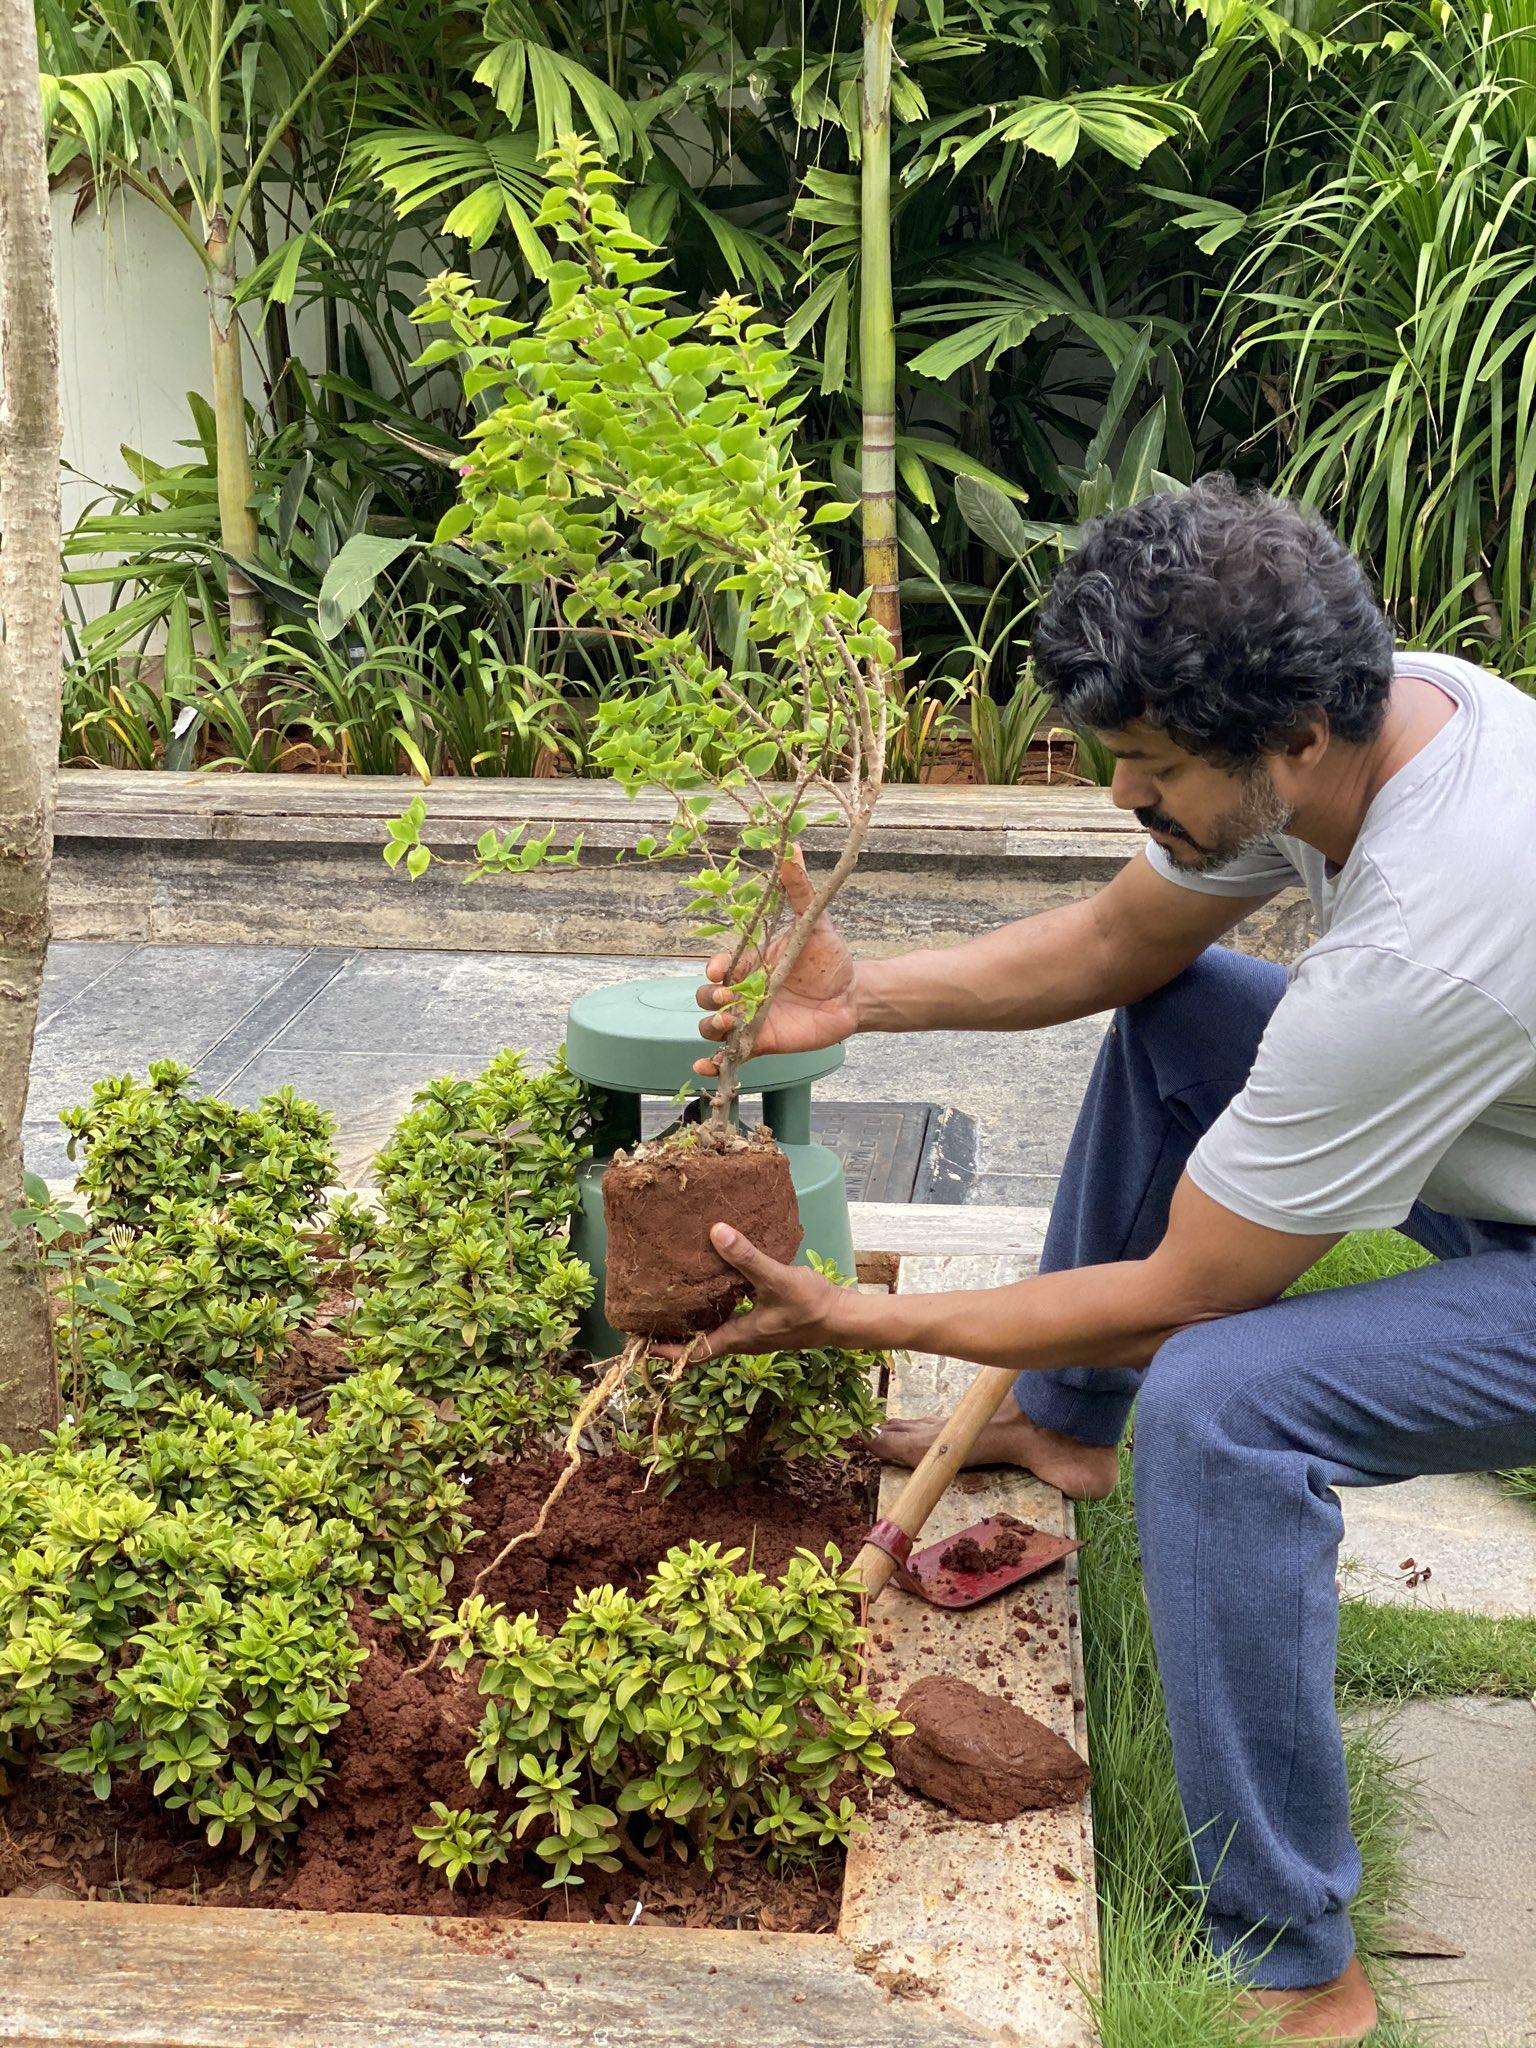 El comandante Vijay está plantando árboles jóvenes